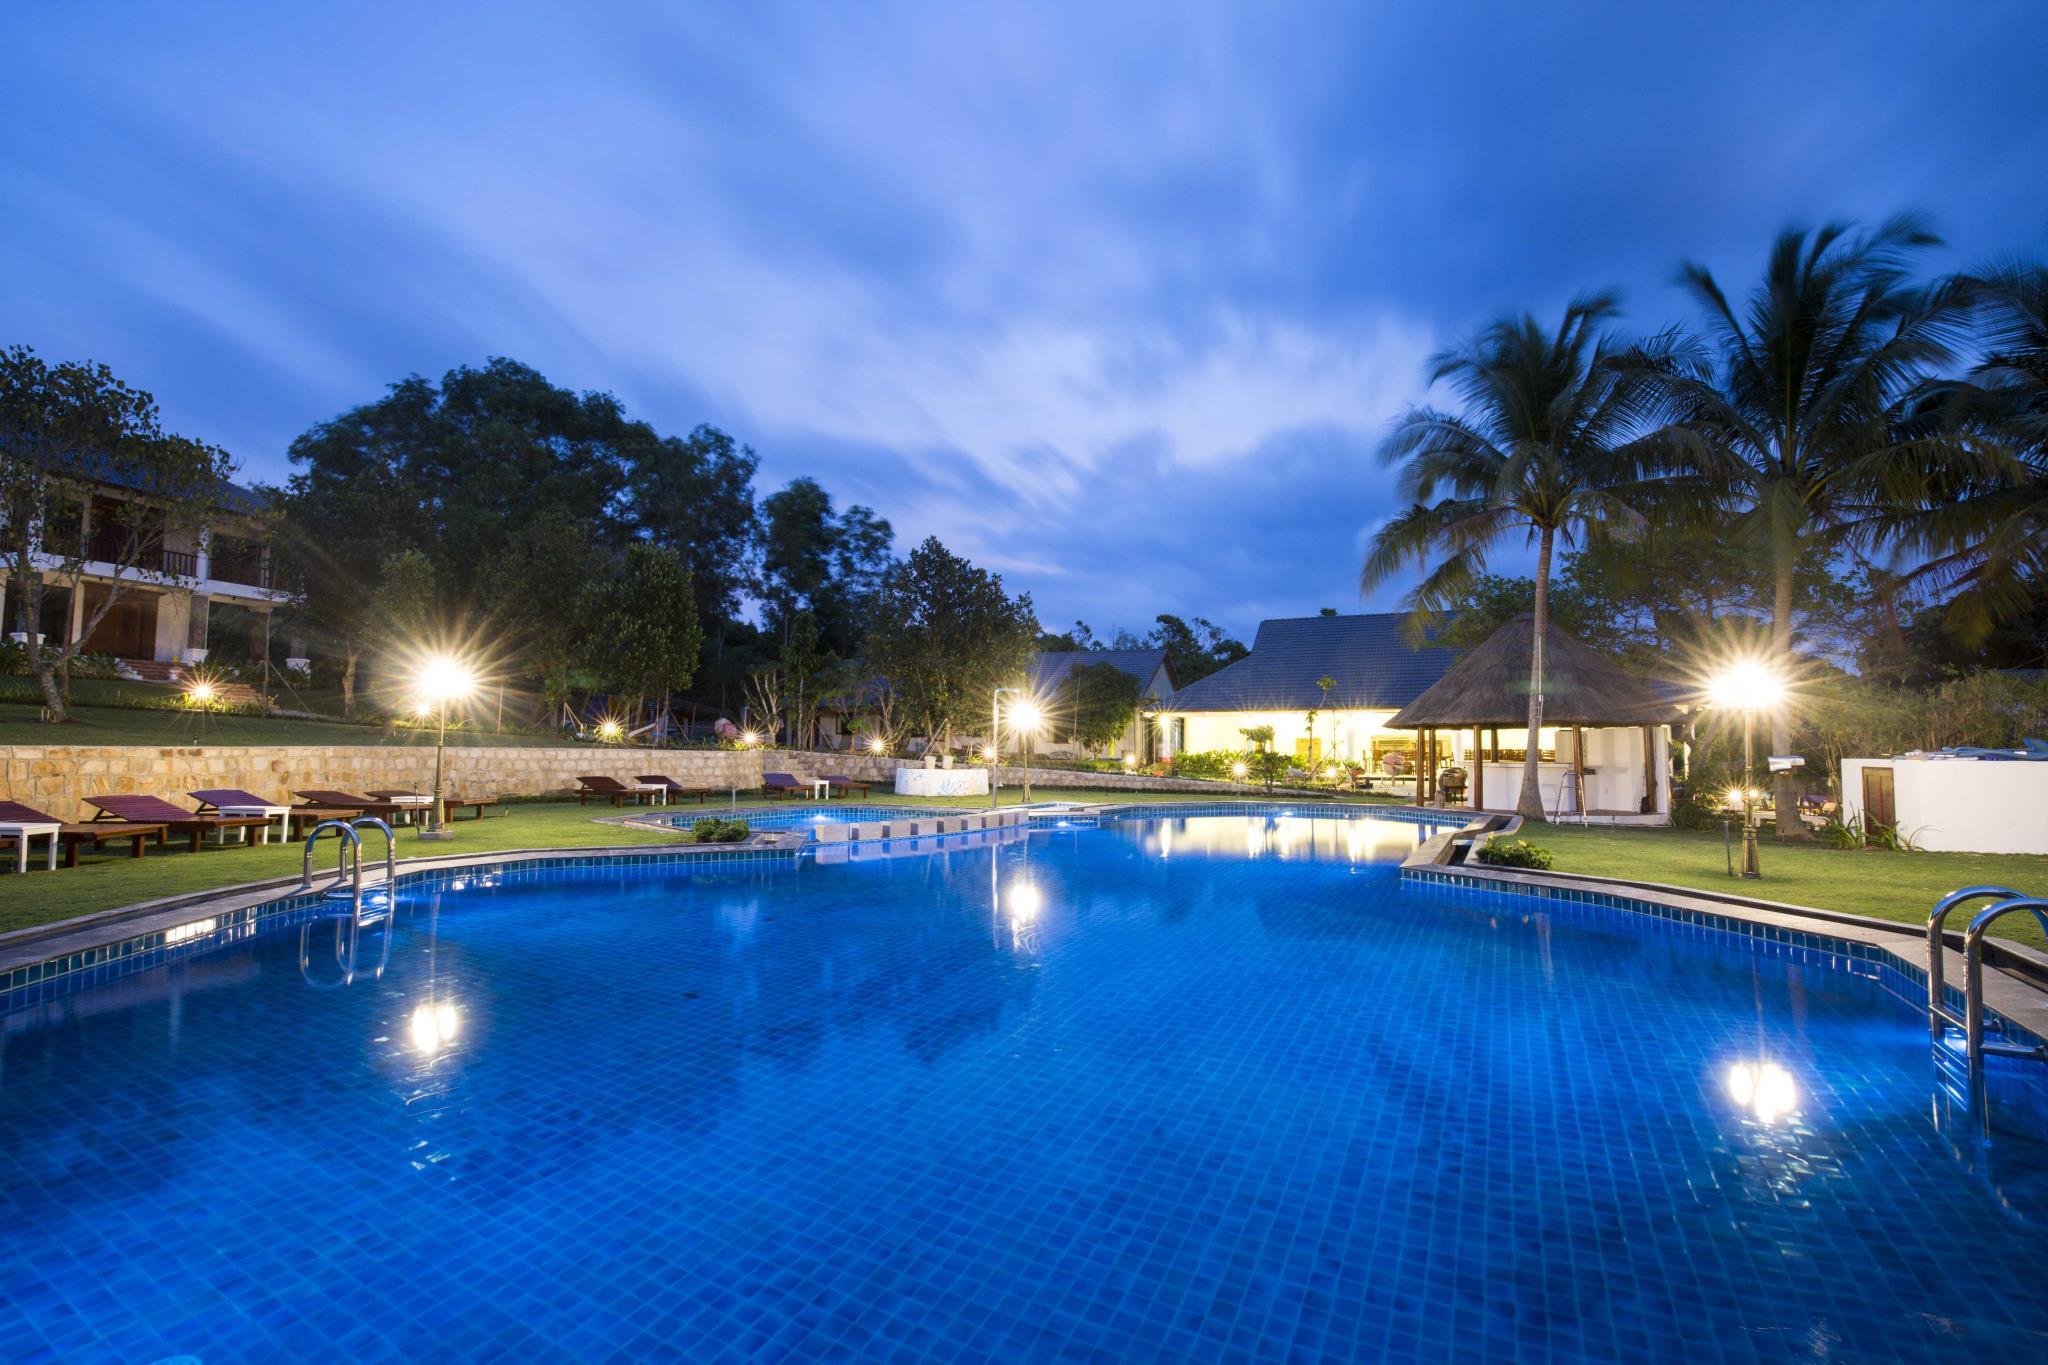 Perfekt Best Price On Myplace Siena Garden Resort In Phu Quoc Island Reviews With Siena  Garden